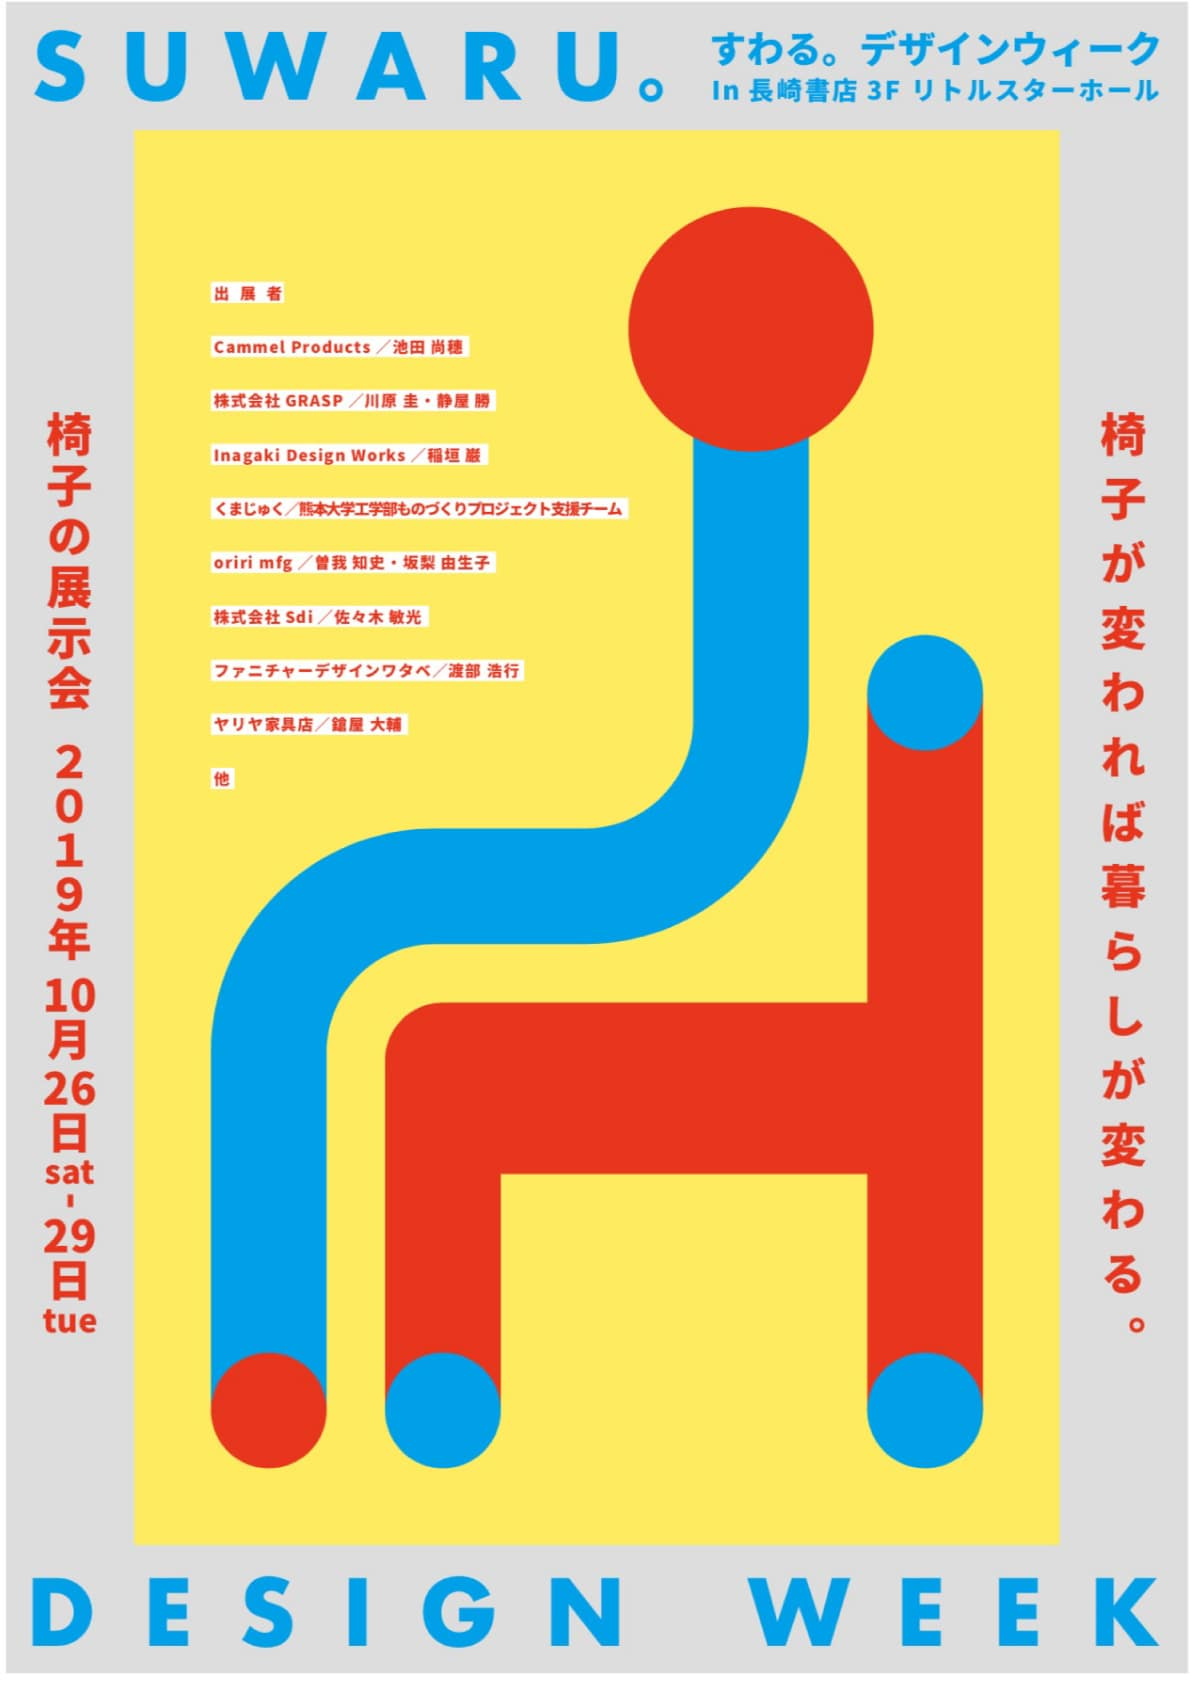 「座る」をテーマに、「すわる。デザインウィーク」が長崎書店3Fリトルスターホールで開催チラシ1